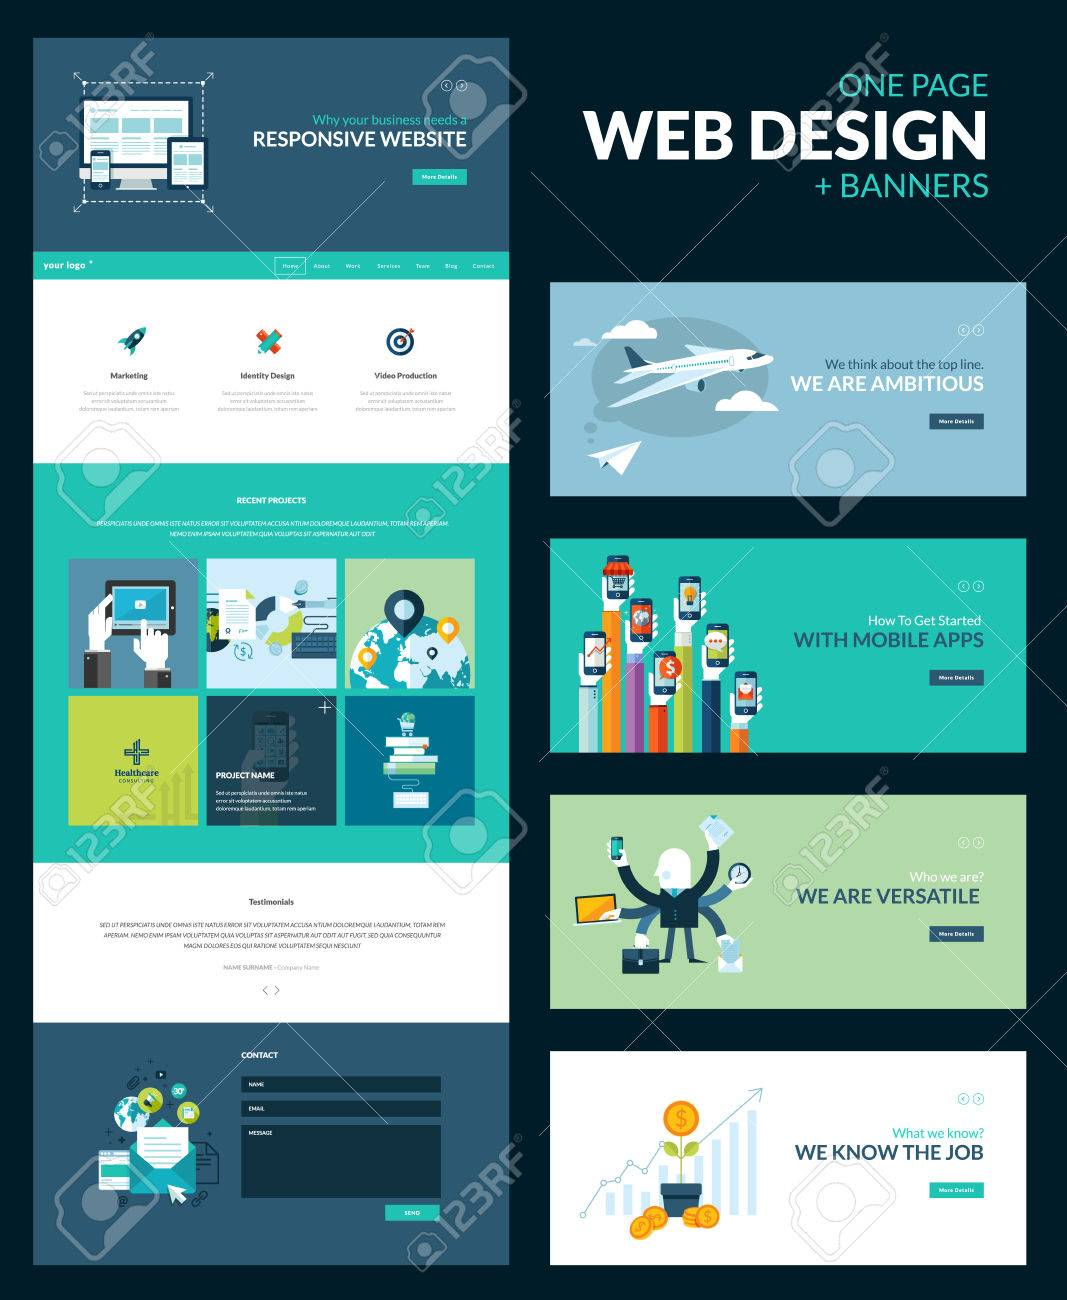 Un Modele De Page De Conception De Sites Web Tout En Un Ensemble Pour La Conception De Site Web Qui Comprend Un Modele De Page De Site Web Pour Le Site Reactif